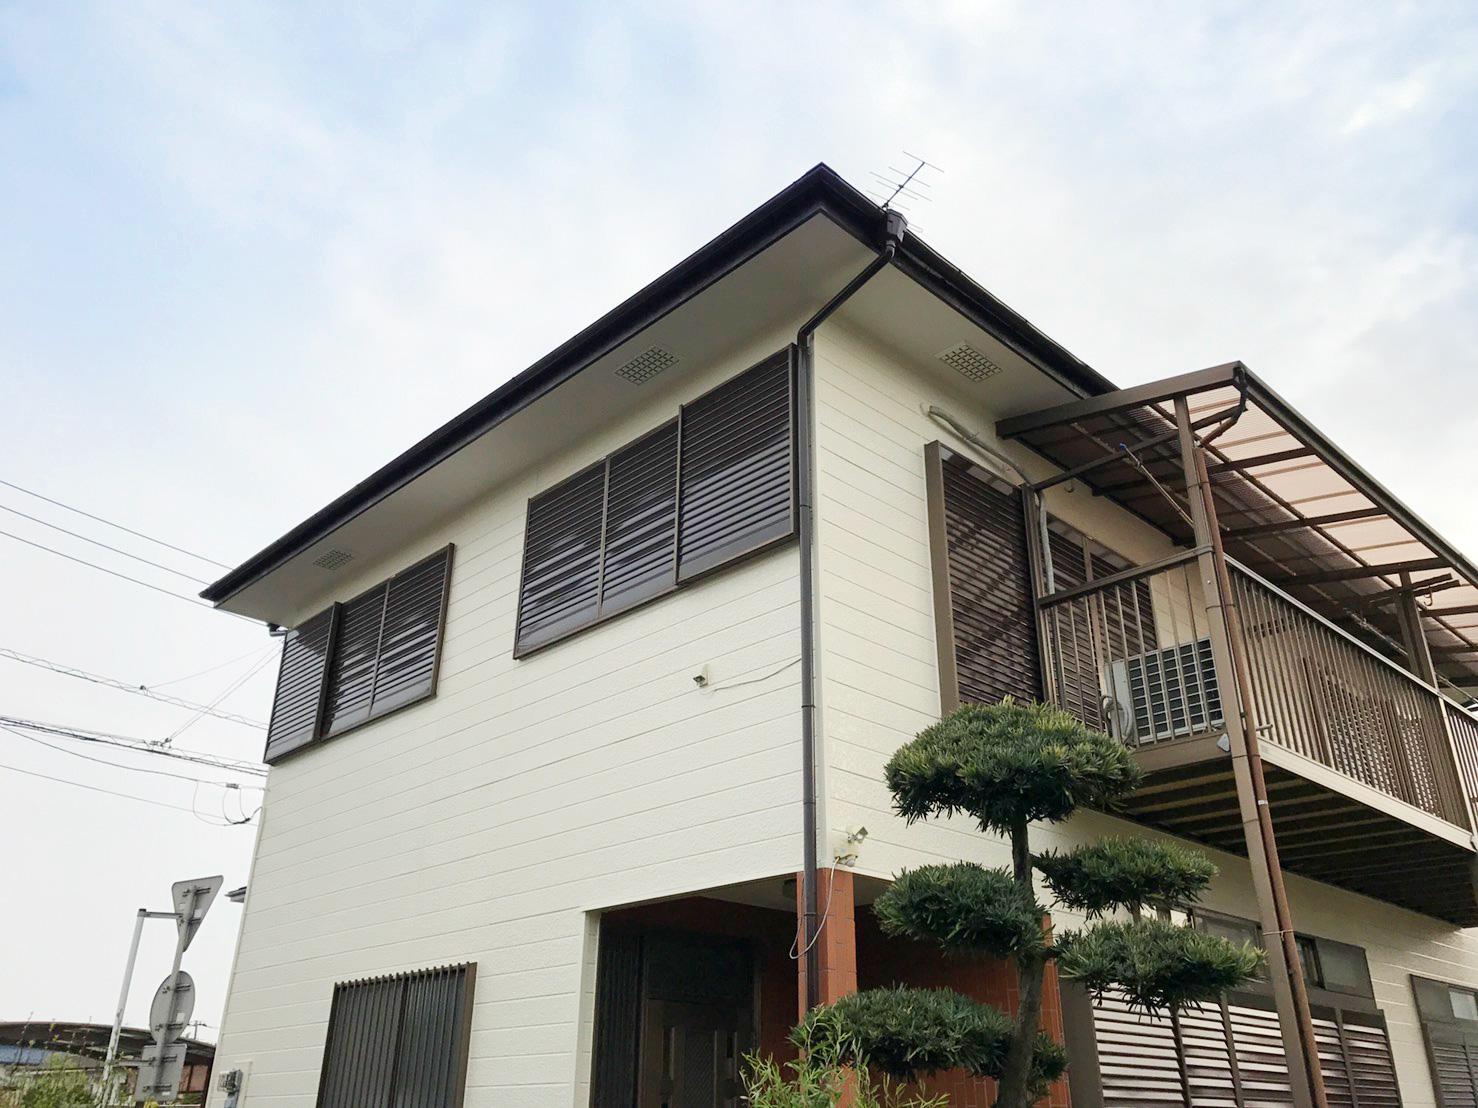 埼玉県上尾市の外壁塗装事例